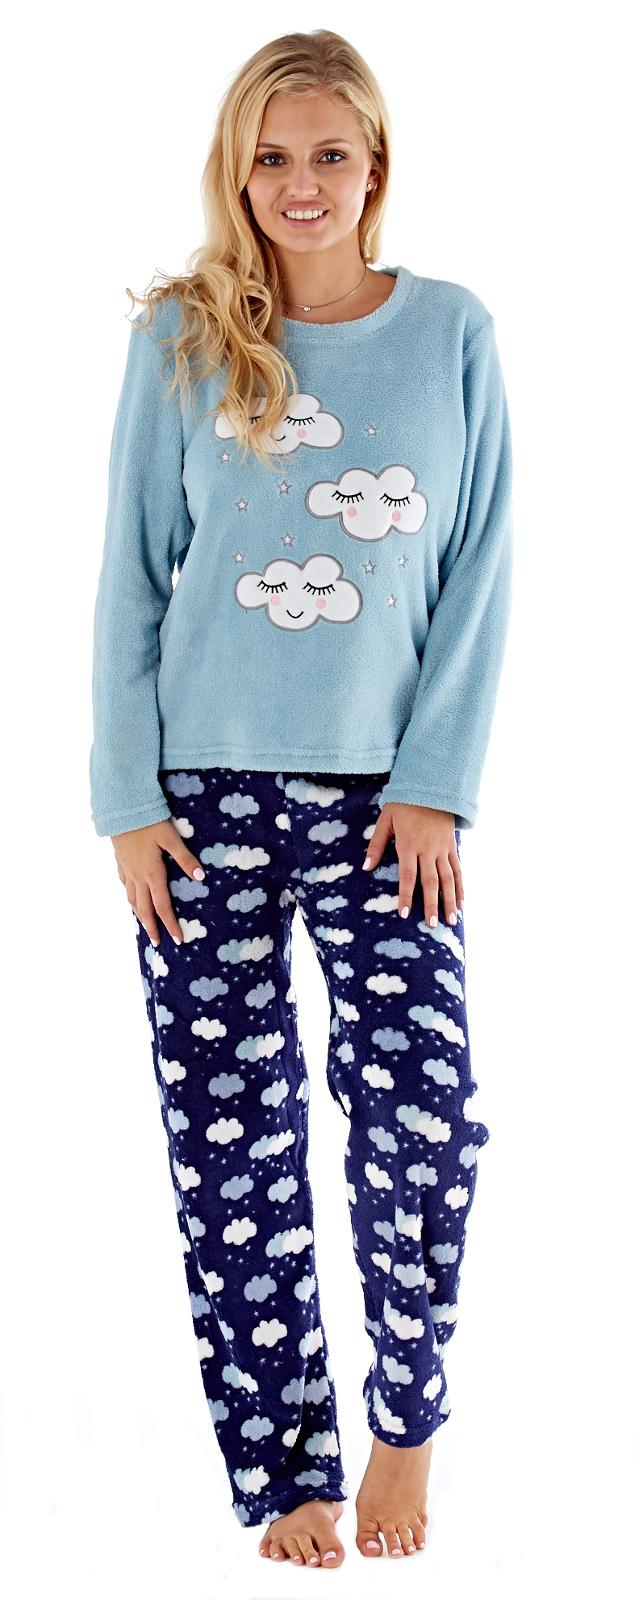 8f3c9a94ac Womens Twosie Nightwear Lounge Pants Jumper Lounge Set Pjs Fleece ...